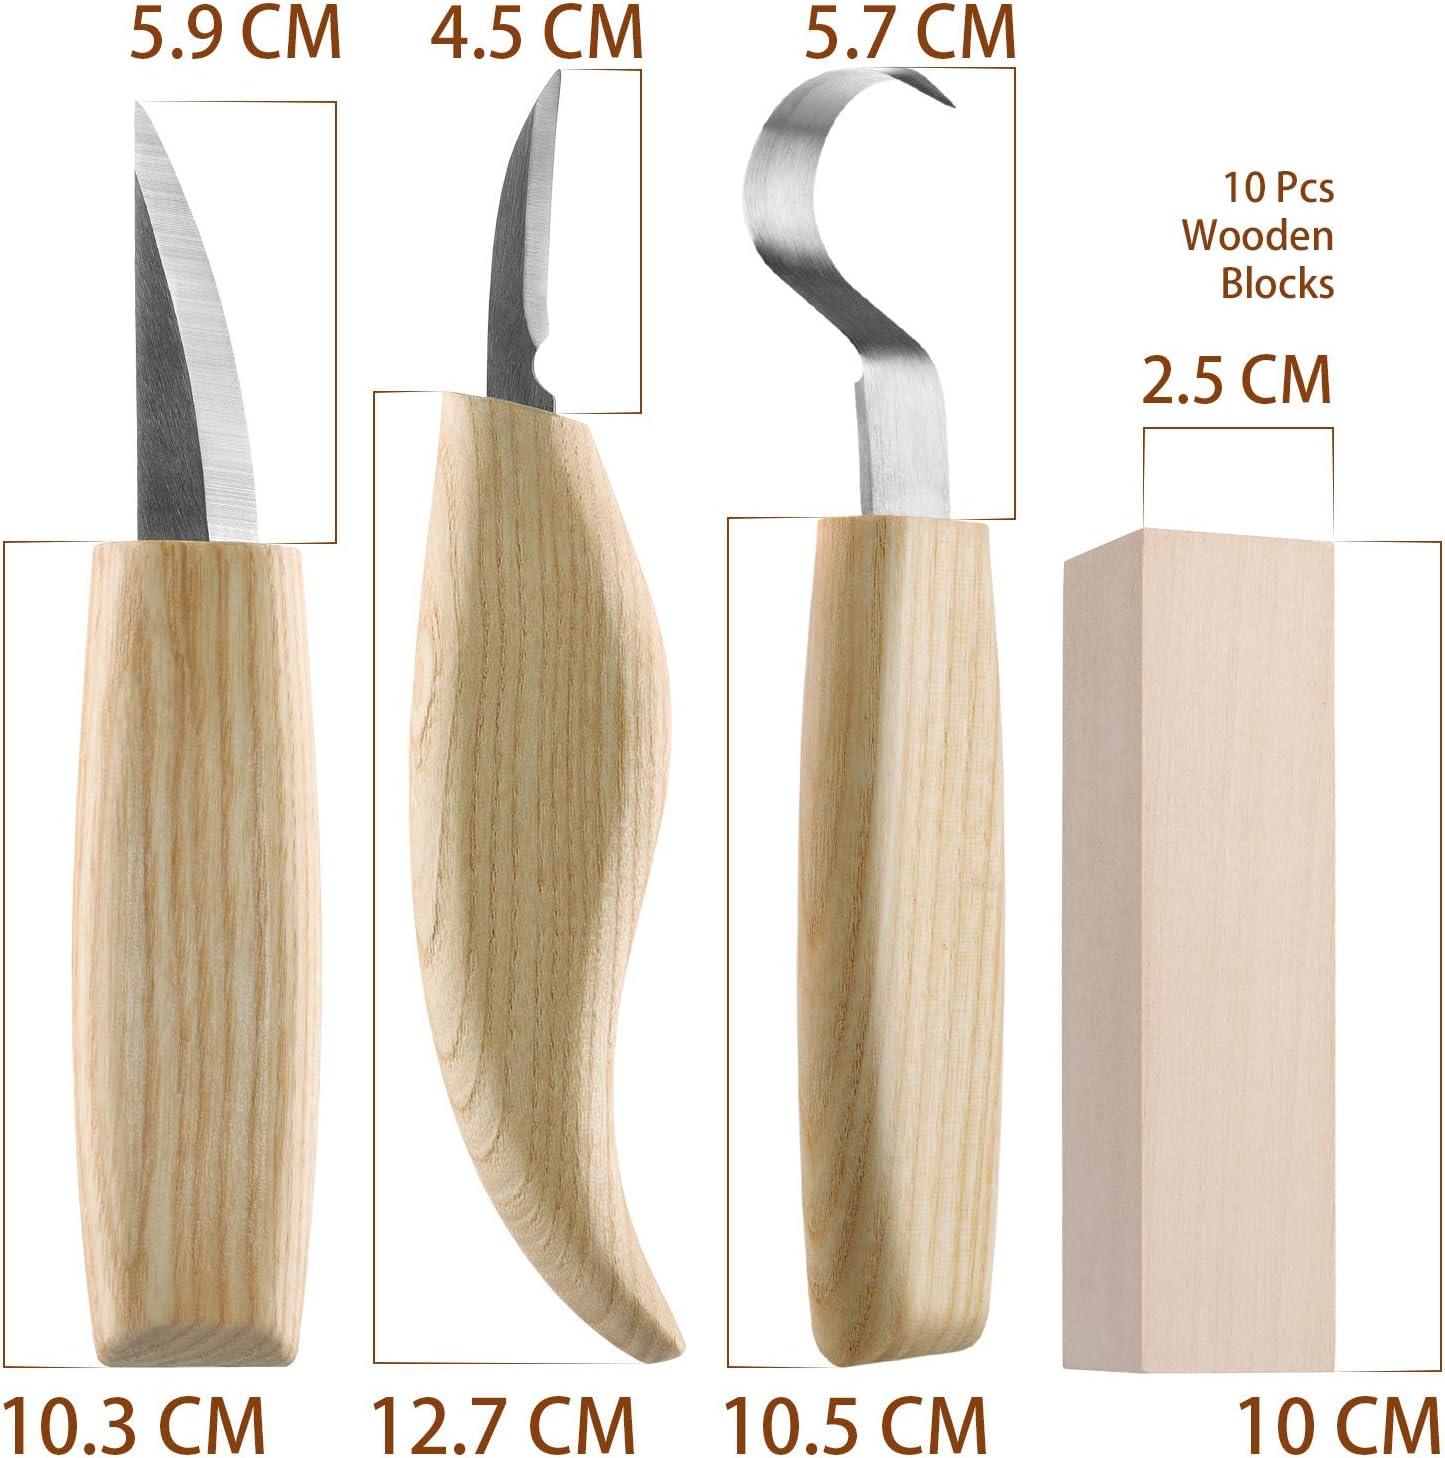 Fuyit Holz Schnitzwerkzeug Set-Beinhaltet 6 Teiliges Holz Schnitzmesser Set /&10 Pcs Linde Holzbl/öcke f/ür L/öffel Sch/üssel Cup Edelstahl Schnitzwerkzeuge f/ür Anf/änger//Profis mit Schnittfeste Handschuhe